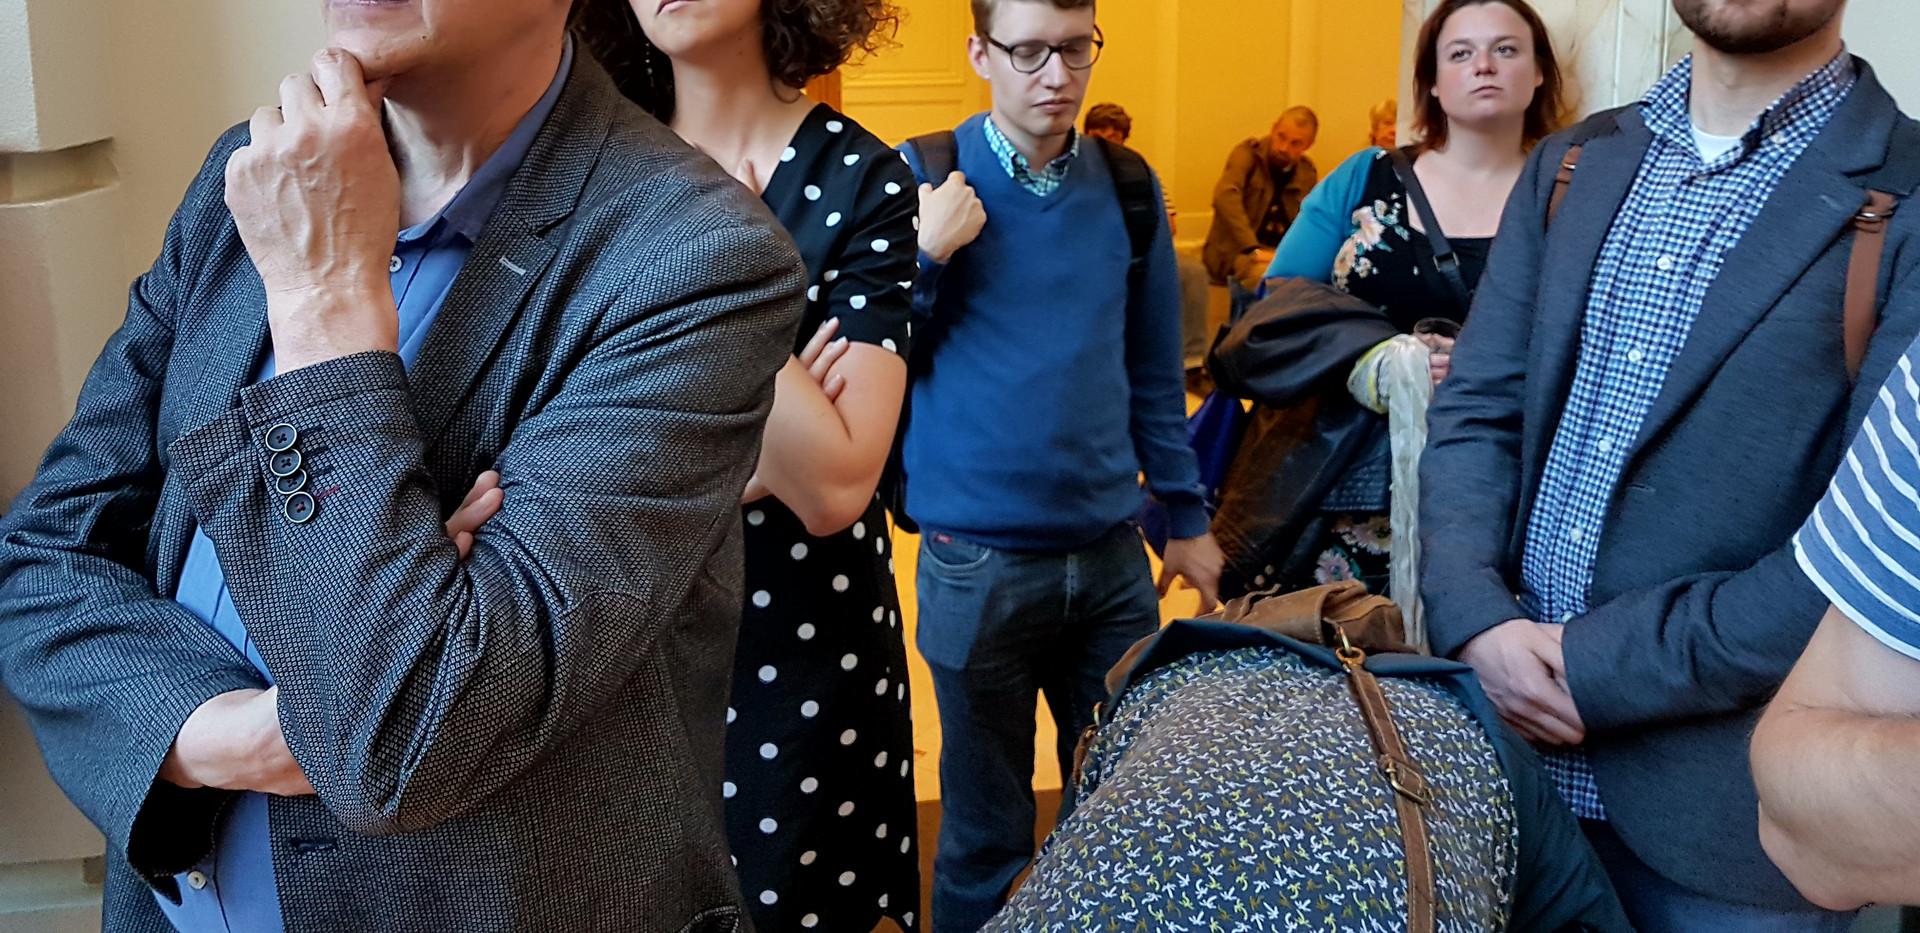 Exposition Travailleurs de rue Tisseurs de liens, Vernissage, 15 mai 2018, BELvue, Bruxelles